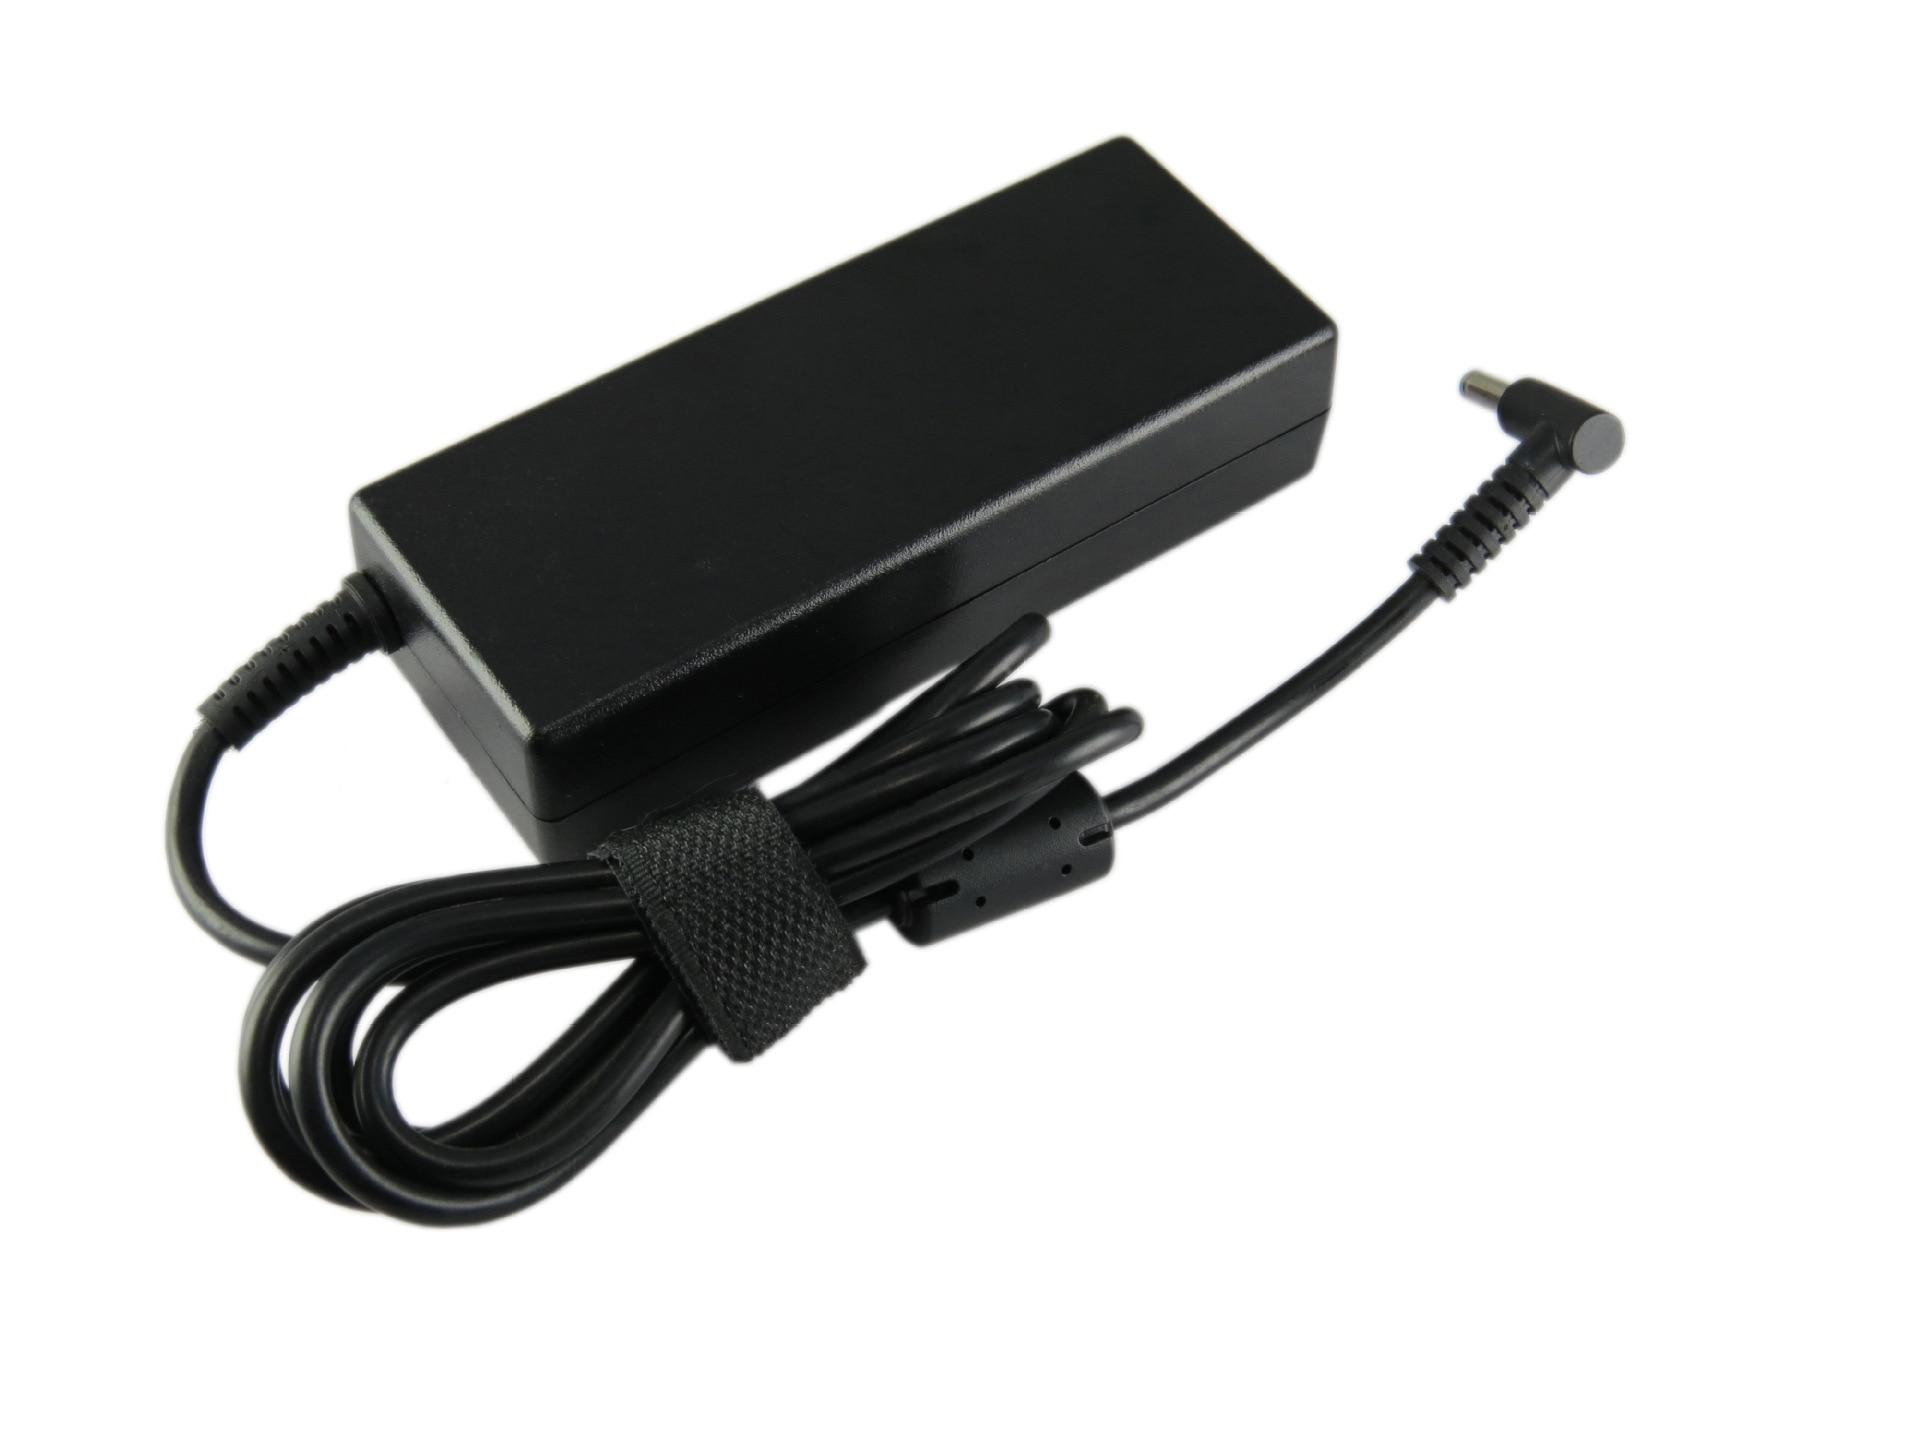 19.5V 4.62A 90W Laptop Ac Power Adapter Character For Dell Xps 13 12 - Նոթբուքի պարագաներ - Լուսանկար 3